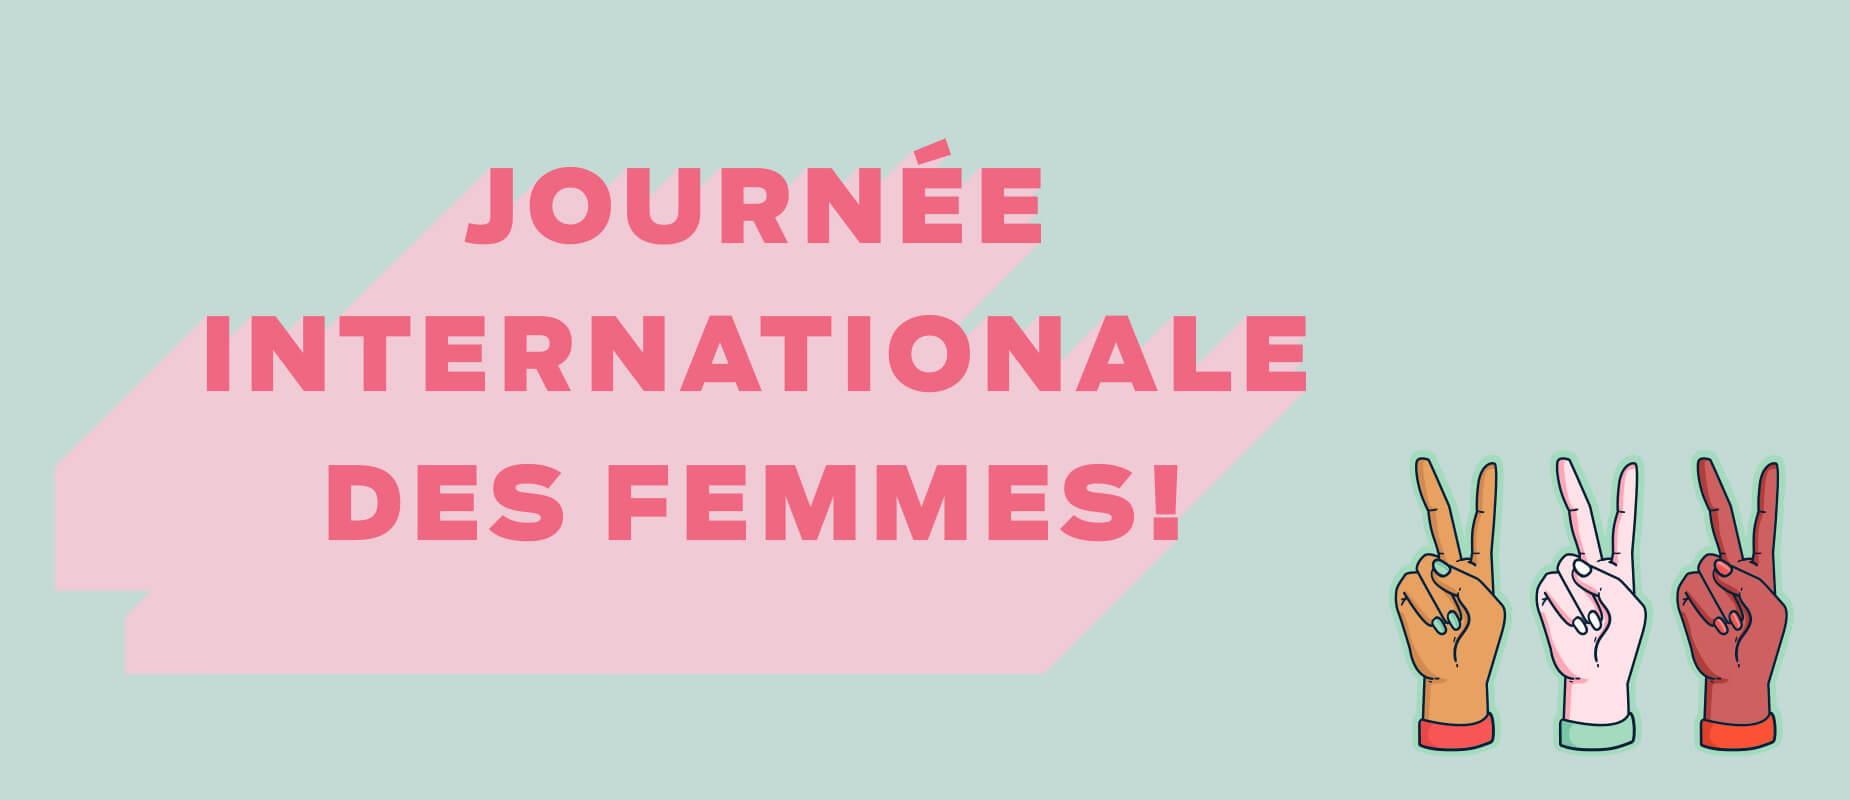 #GrâceÀVous à l'occasion de la Journée internationale des femmes